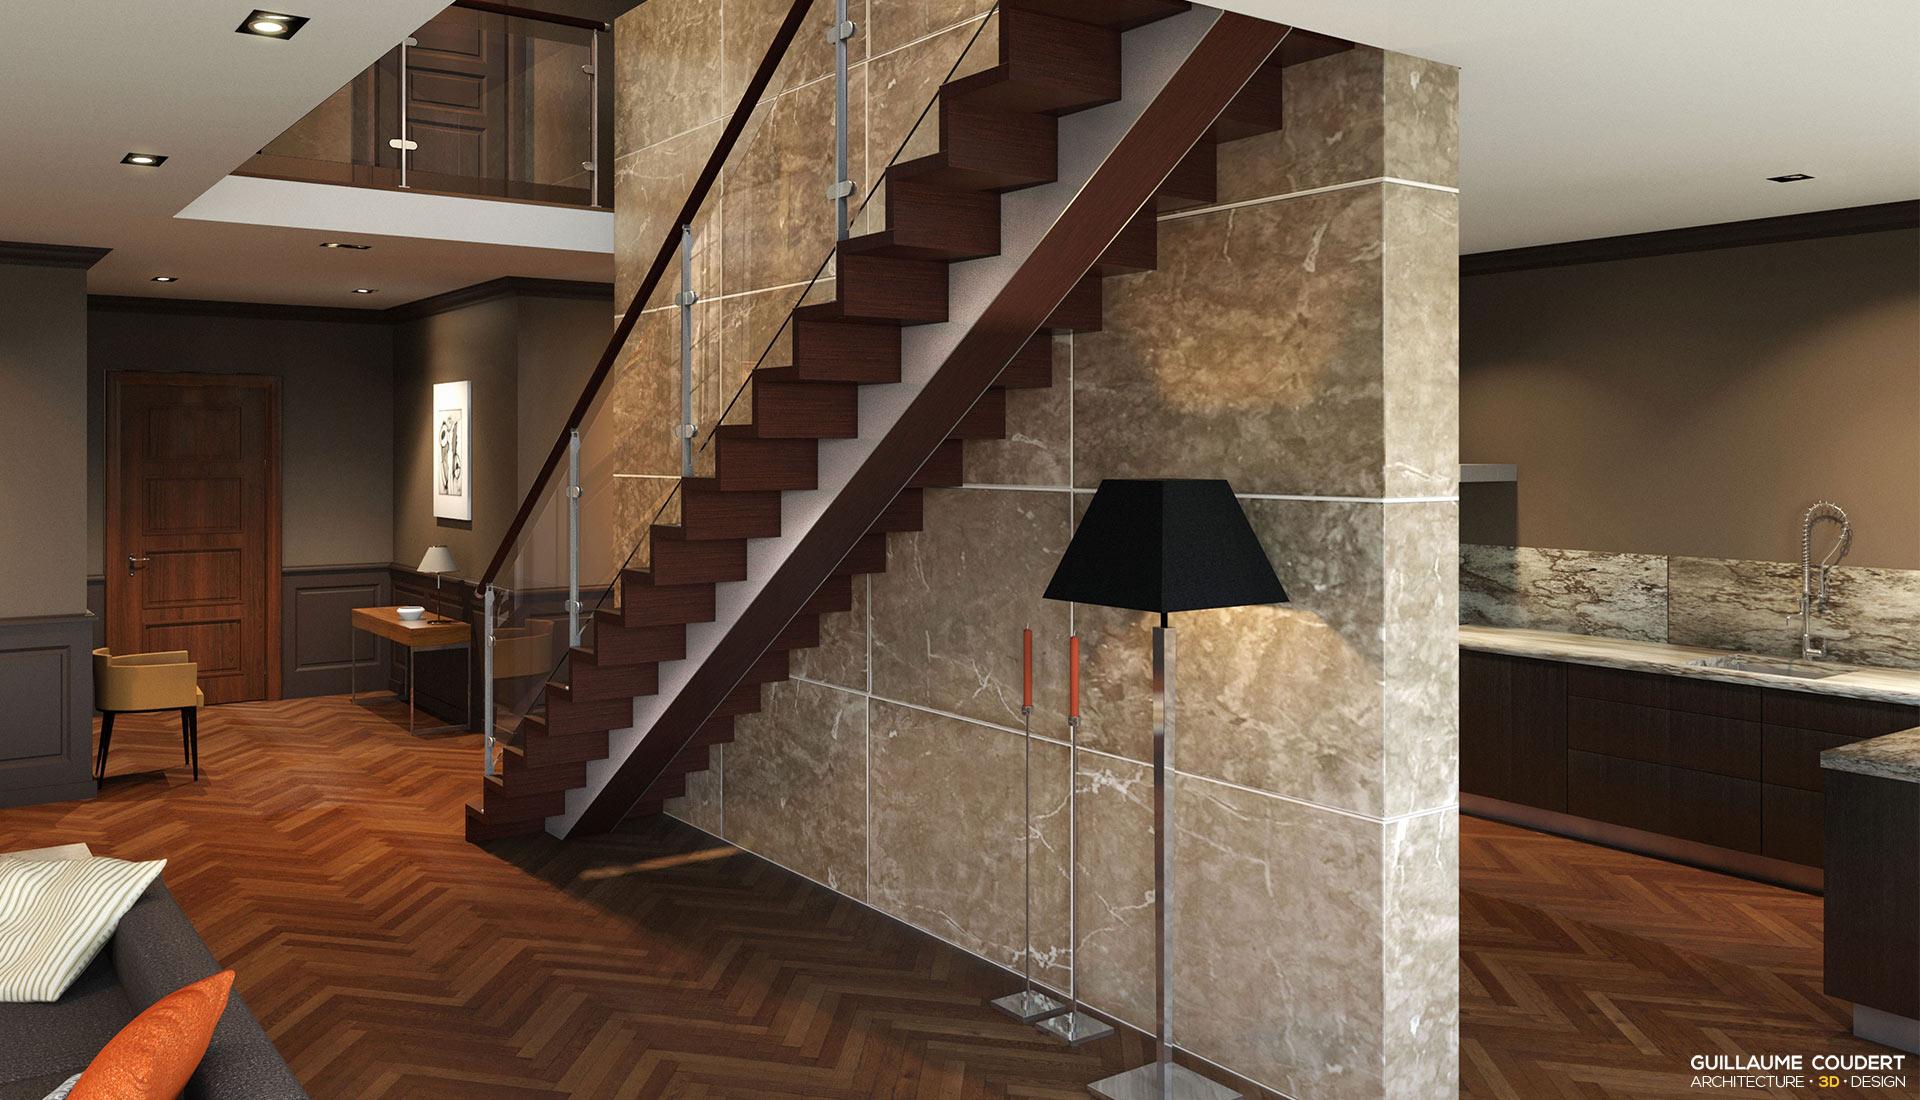 Escalier plasse catalogue 2012 1 guillaume coudert architecture d 39 int - Escalier plasse prix ...